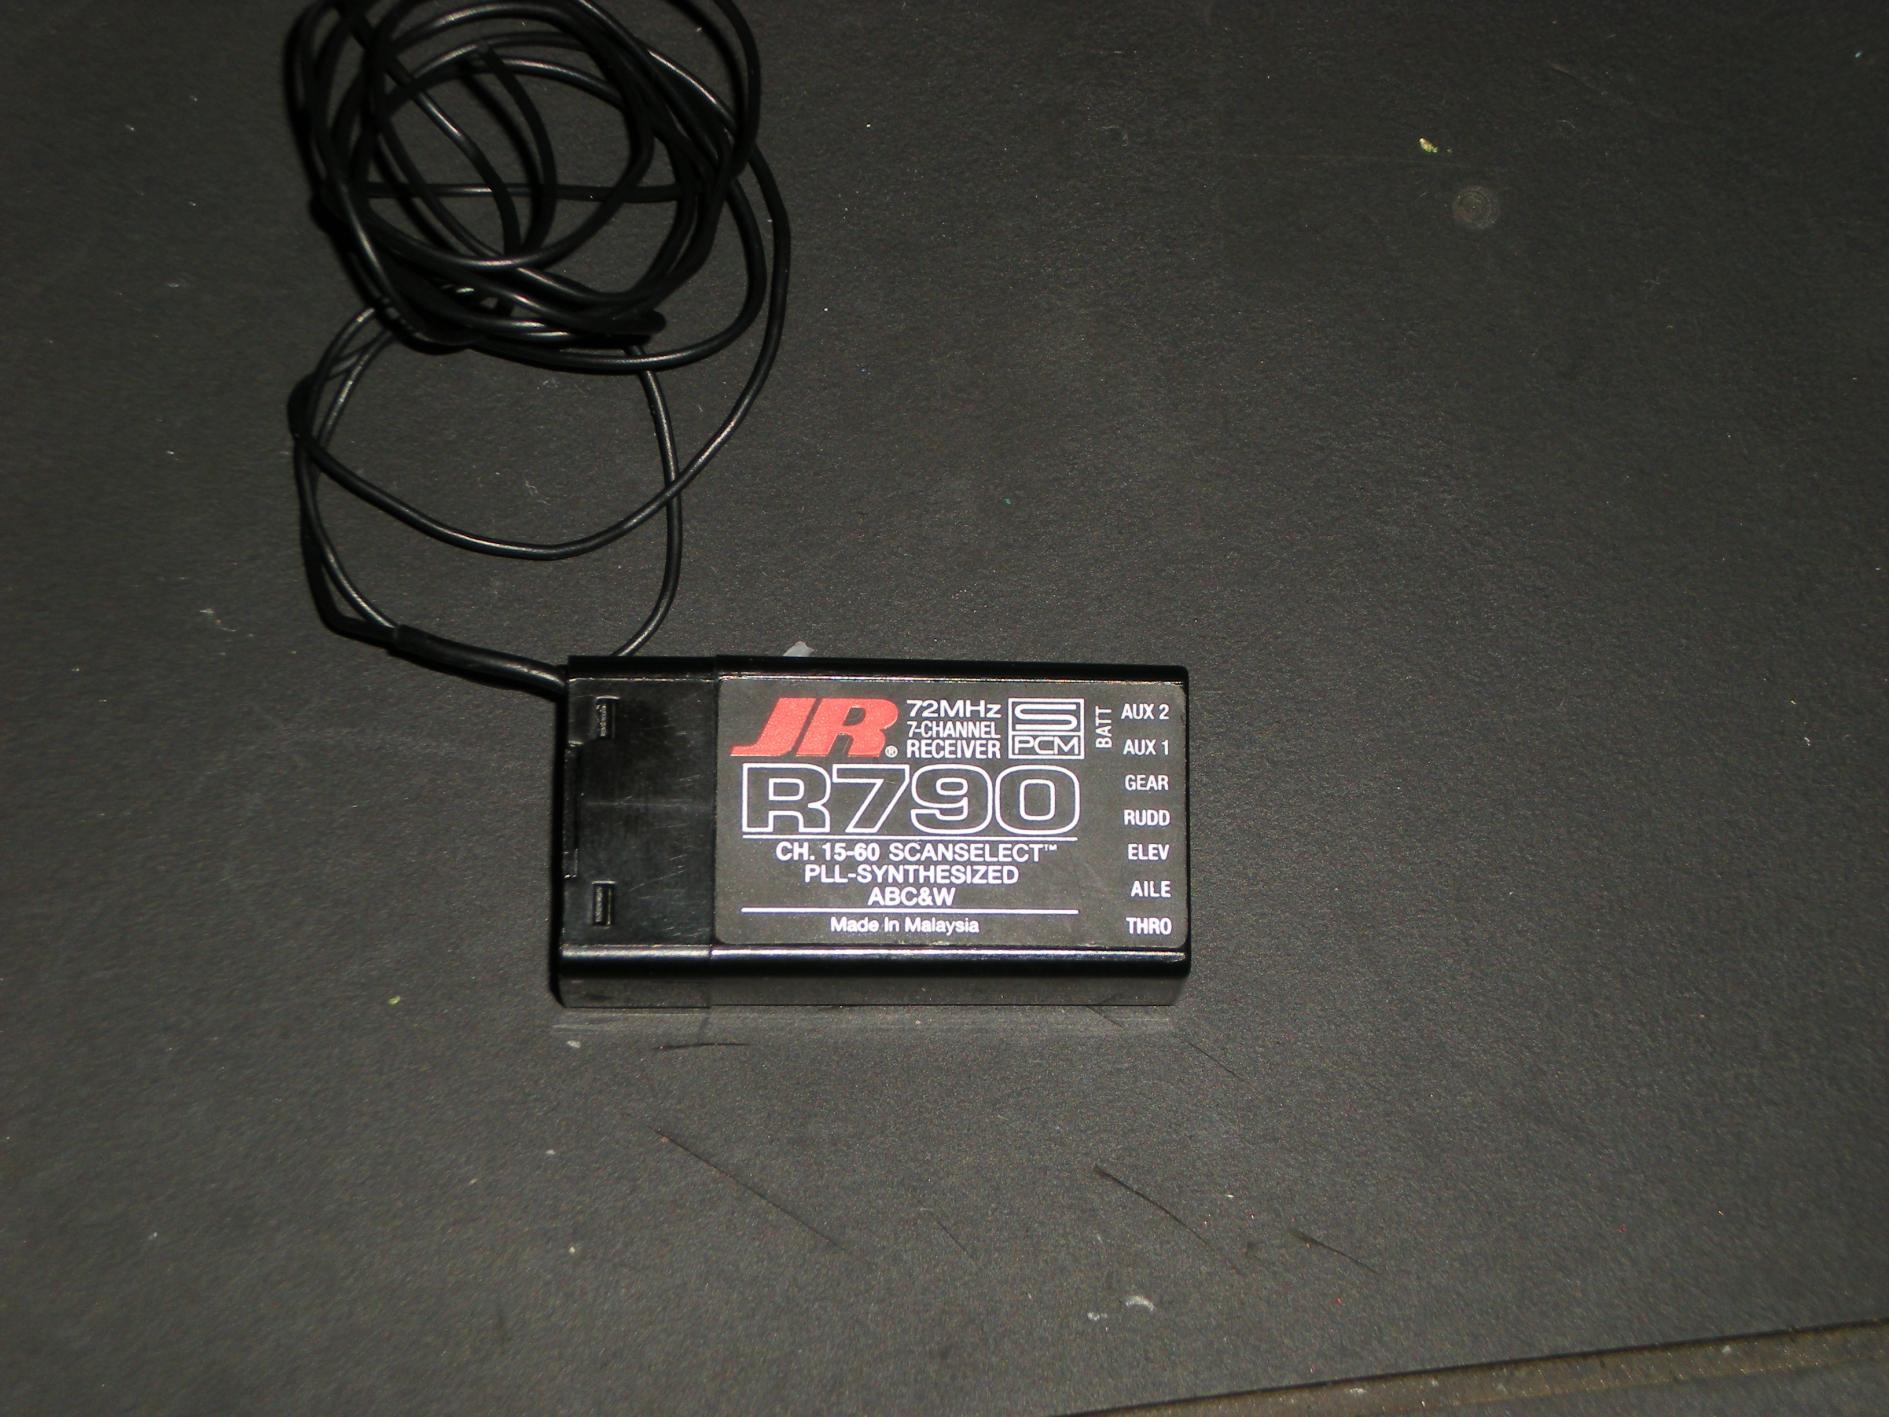 Jr R790 Manual